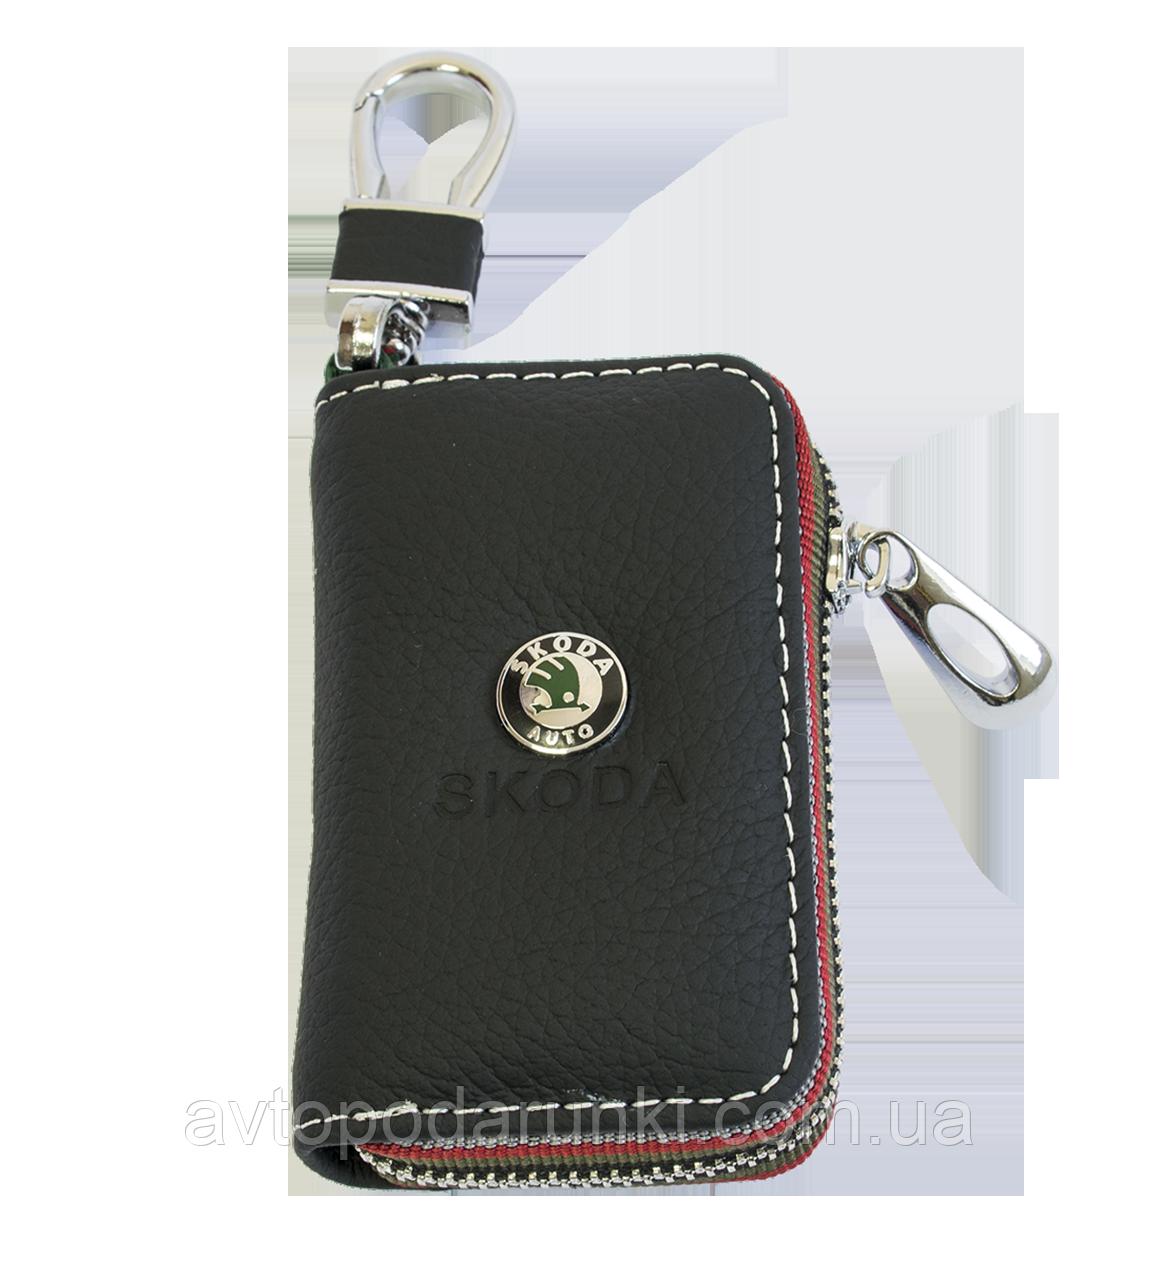 Ключница SKODA, кожаная автоключница с логотипом  ШКОДА (черная 22006)